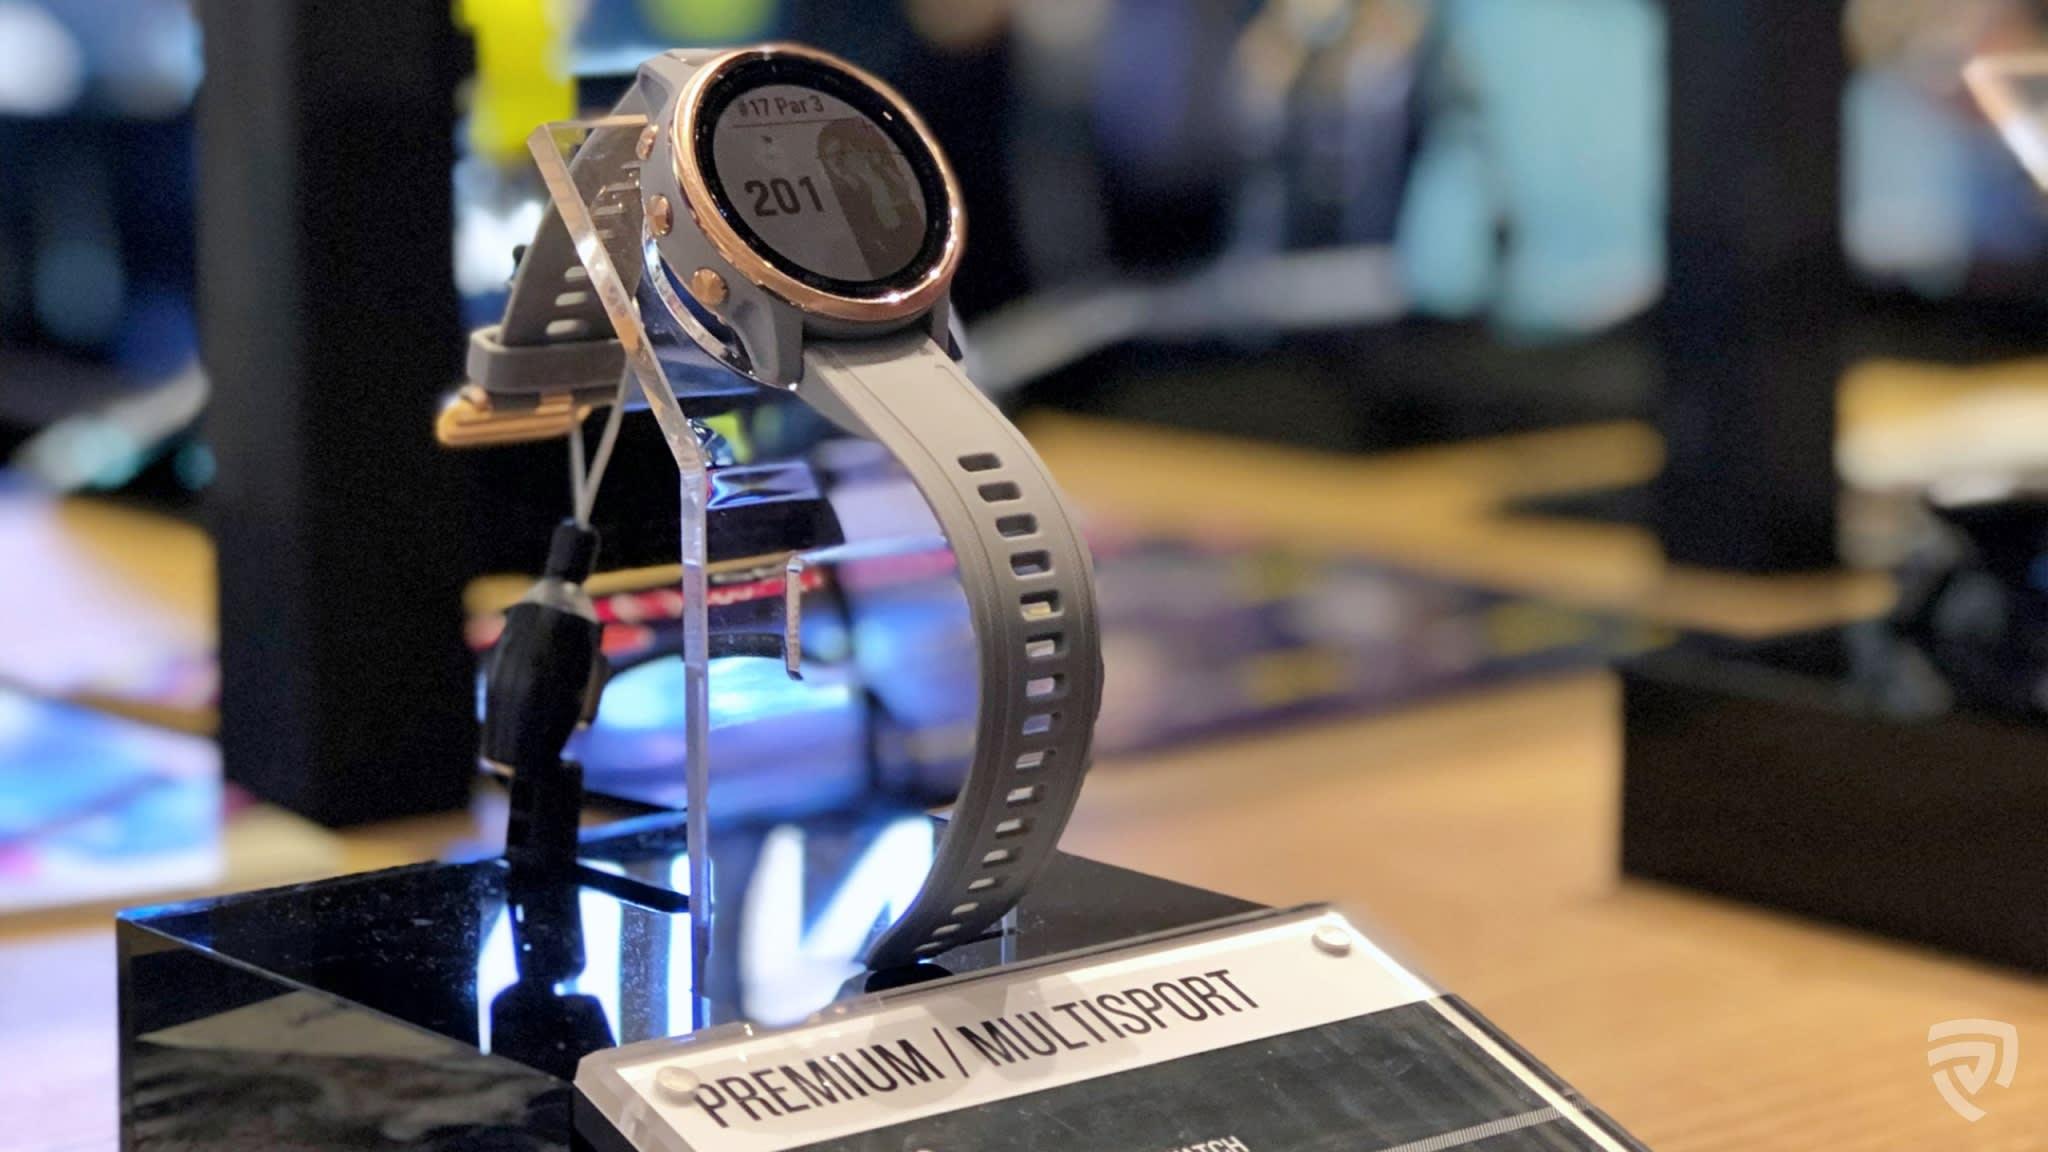 garmin-fenix-6s-smartwatch